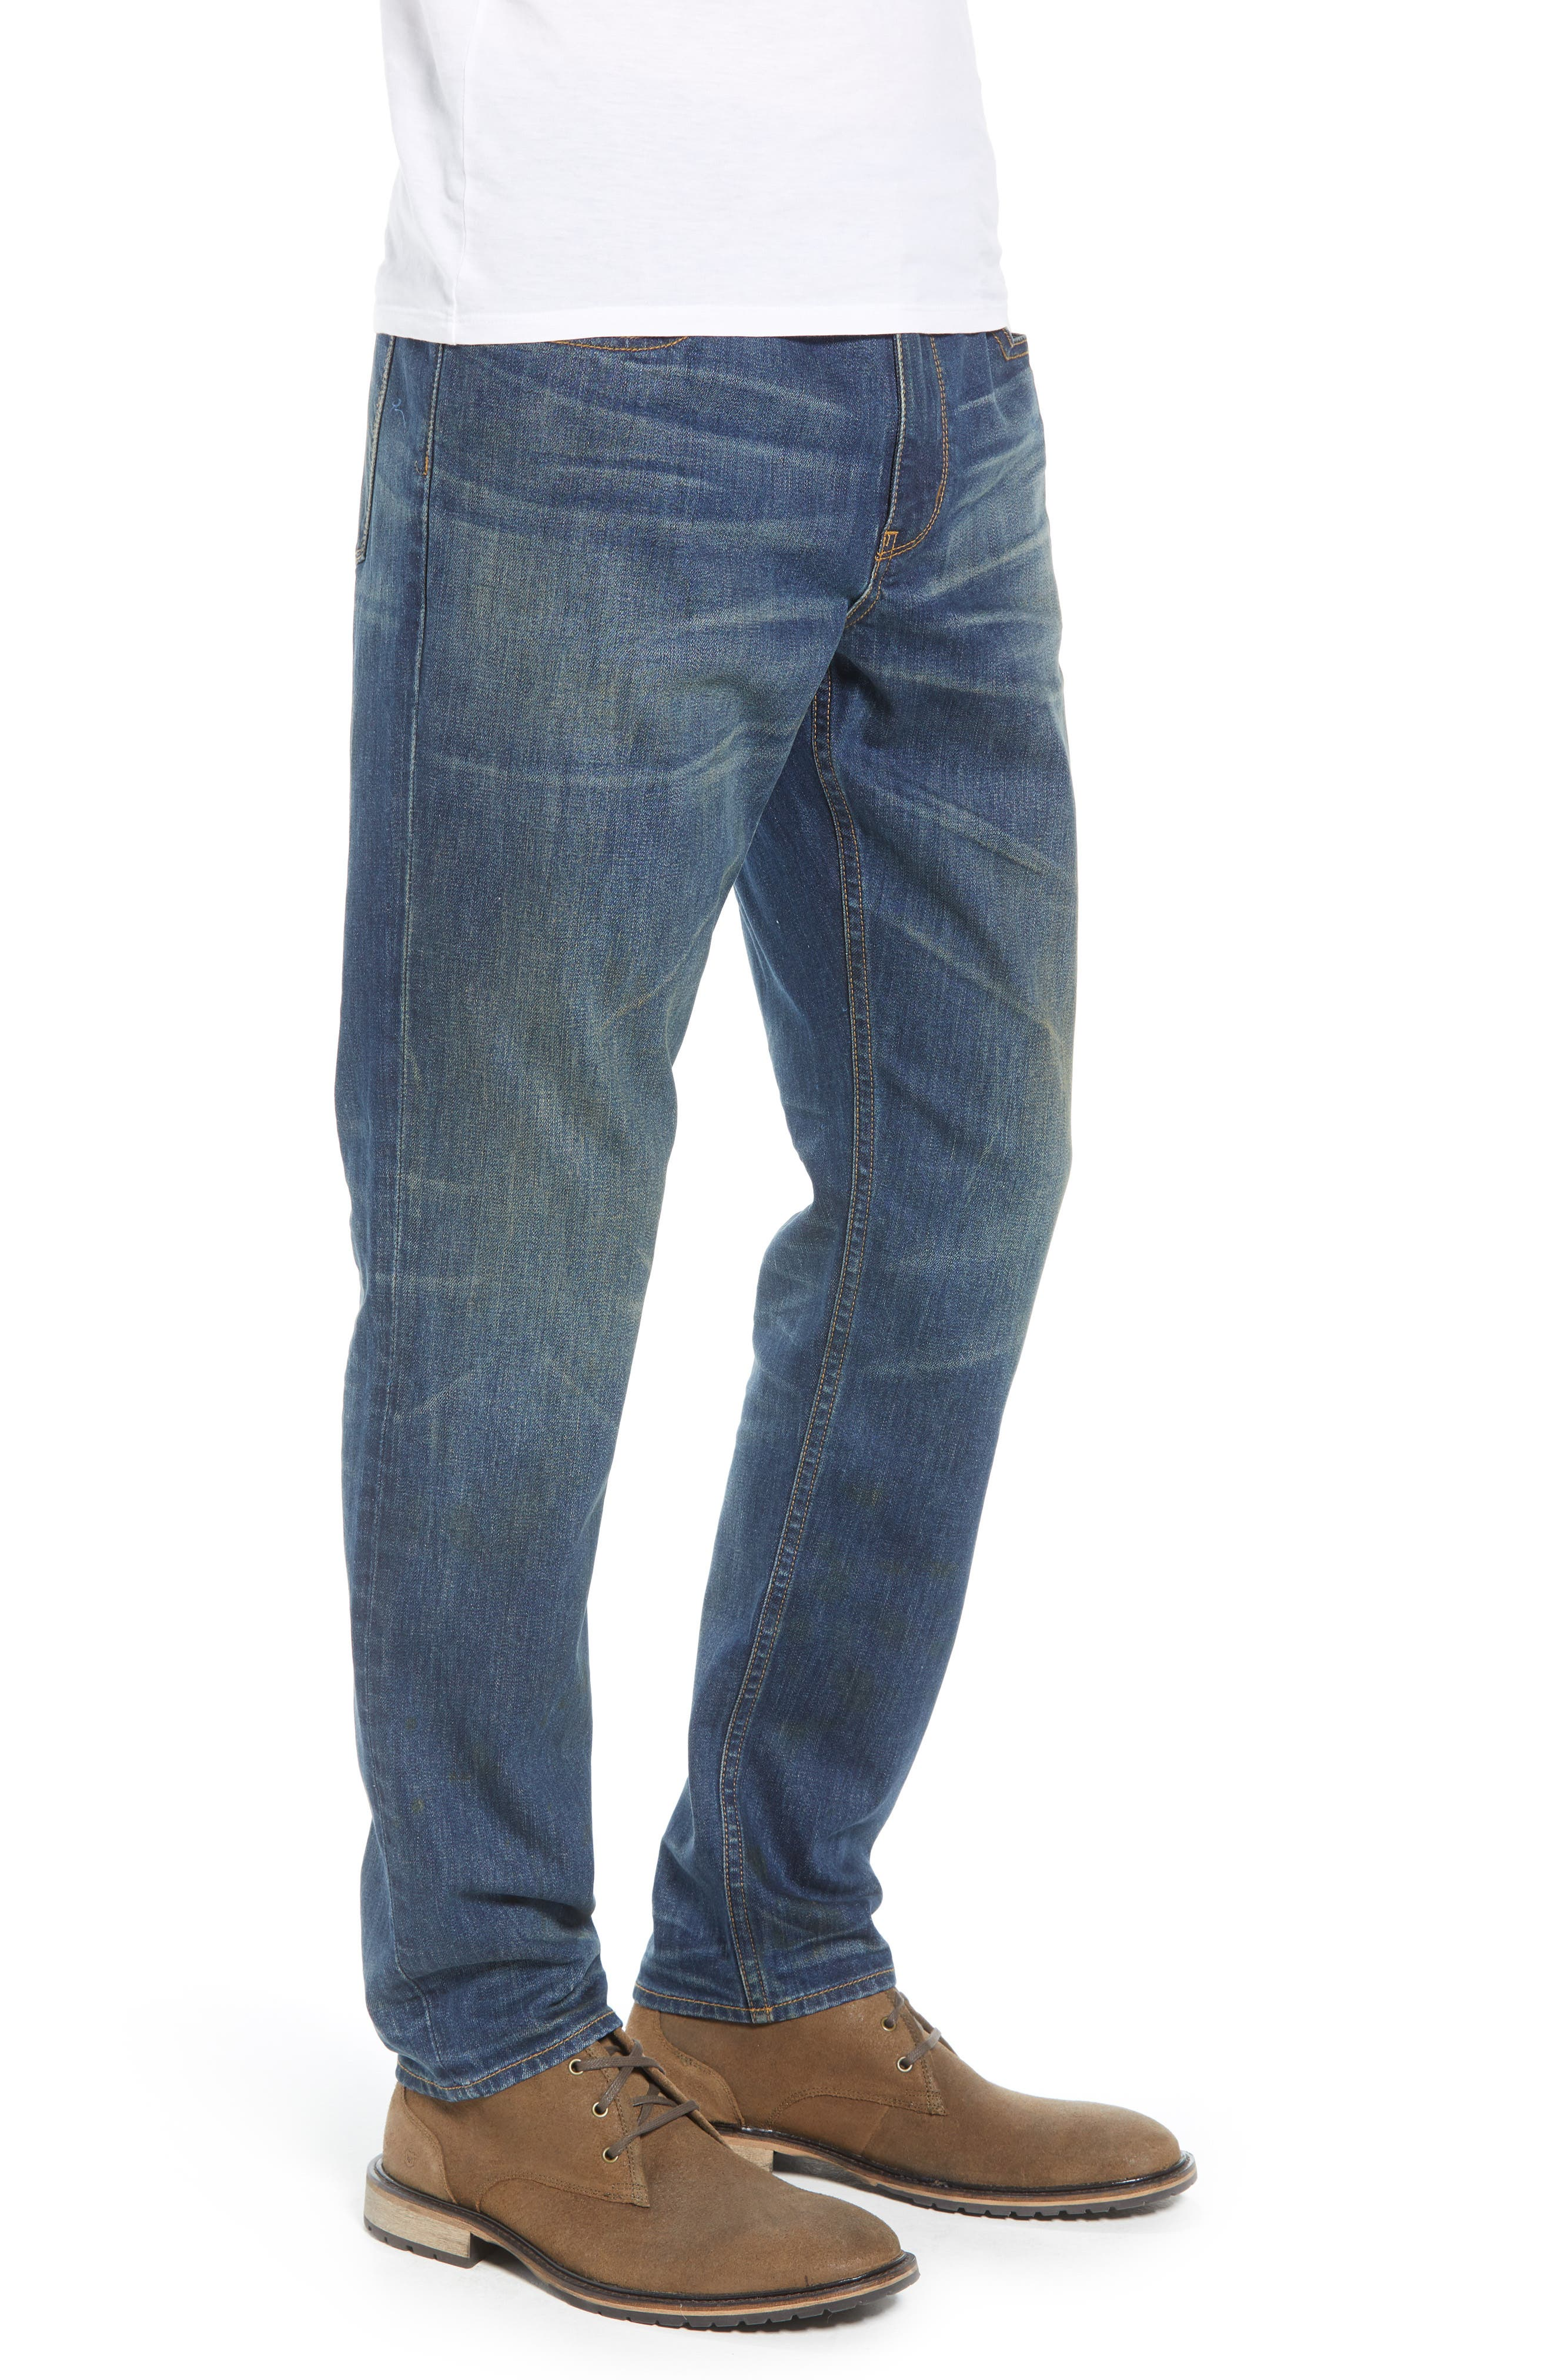 TREASURE & BOND,                             Slim Fit Jeans,                             Alternate thumbnail 3, color,                             BLUE MED VINTAGE WASH